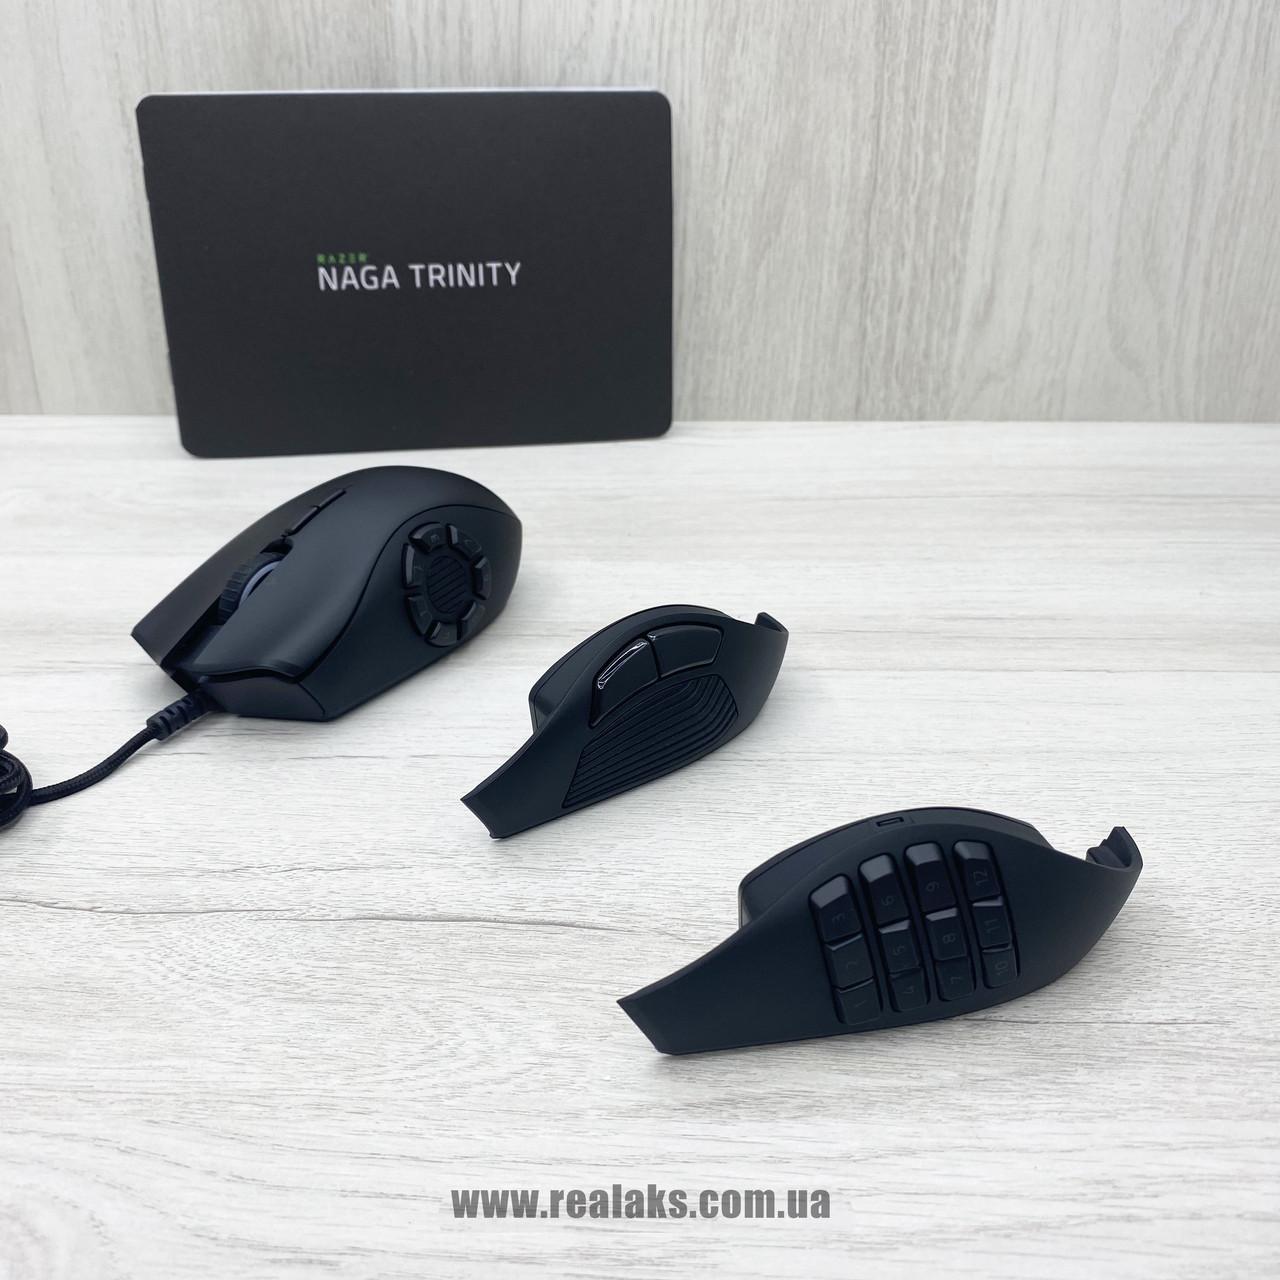 Мышка оптическая Razer Naga Trinity (Black)